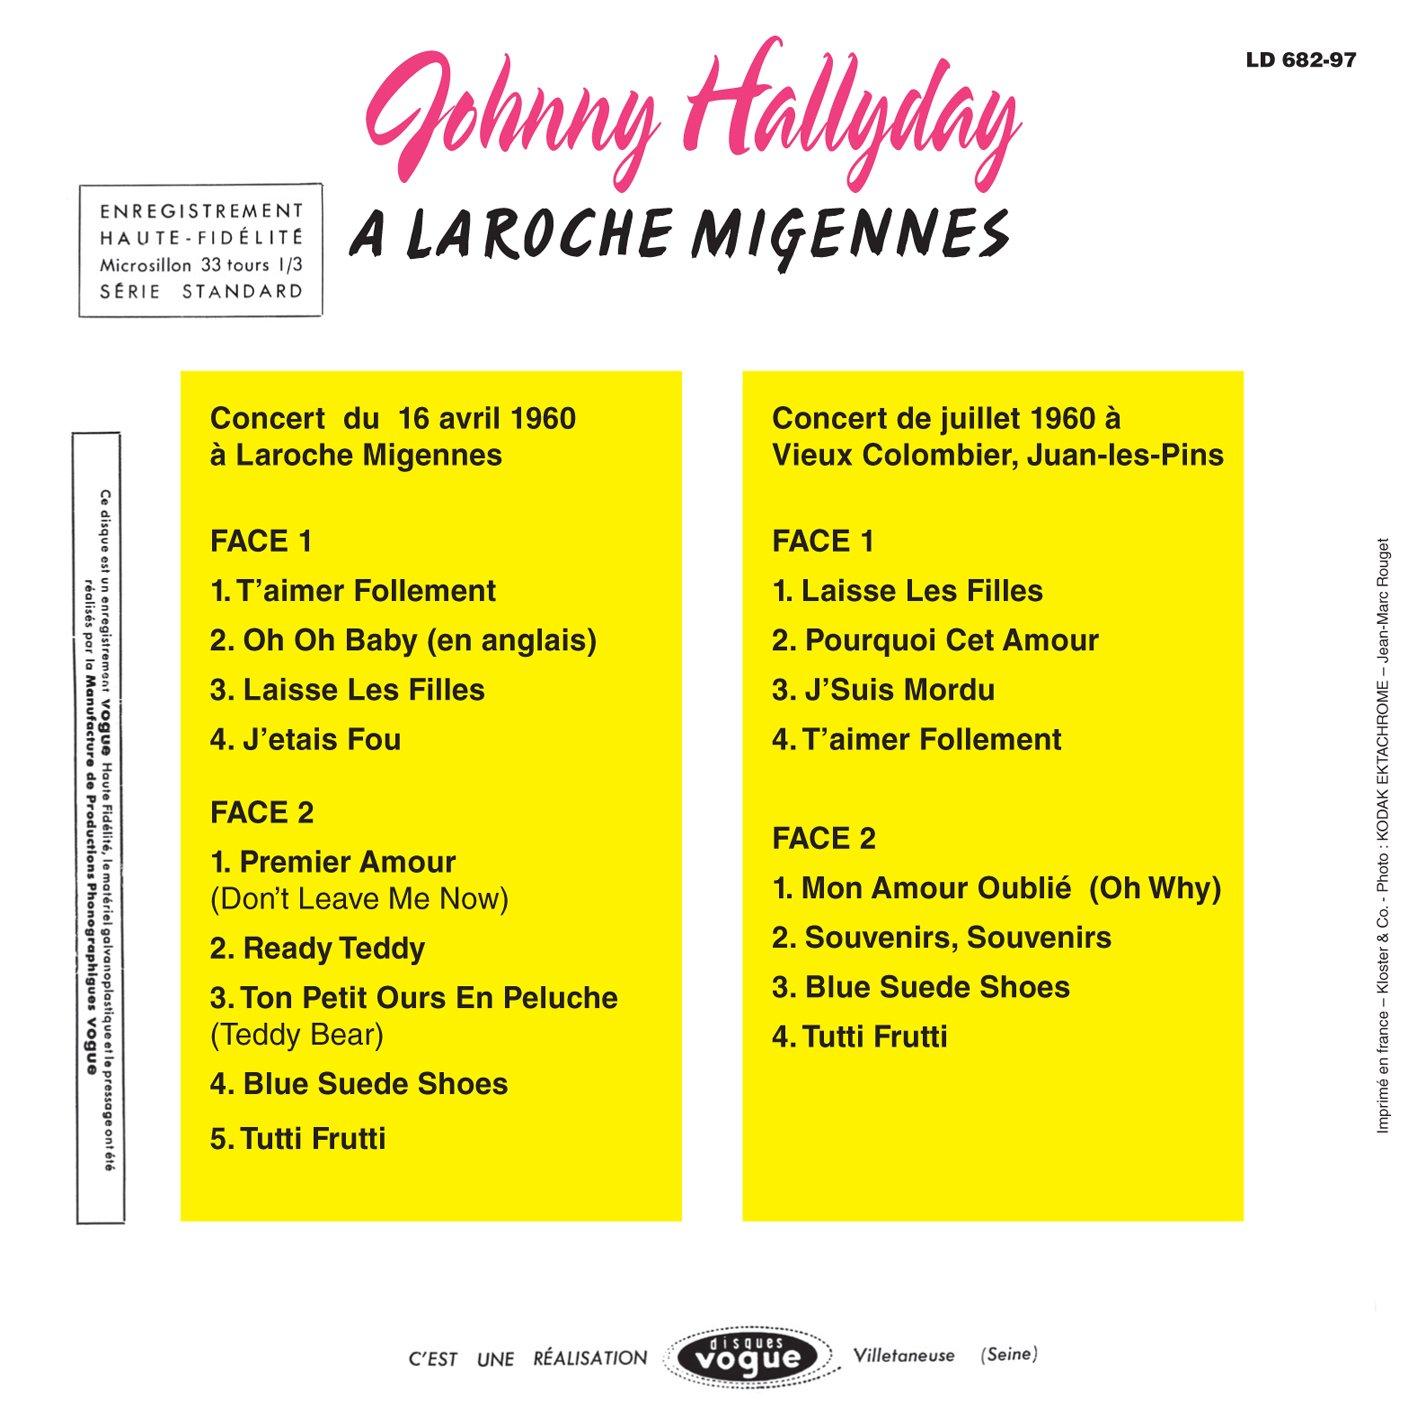 JOHNNY HALLYDAY - Laroche Migennes Et Au Vieux Colombier - Amazon.com Music